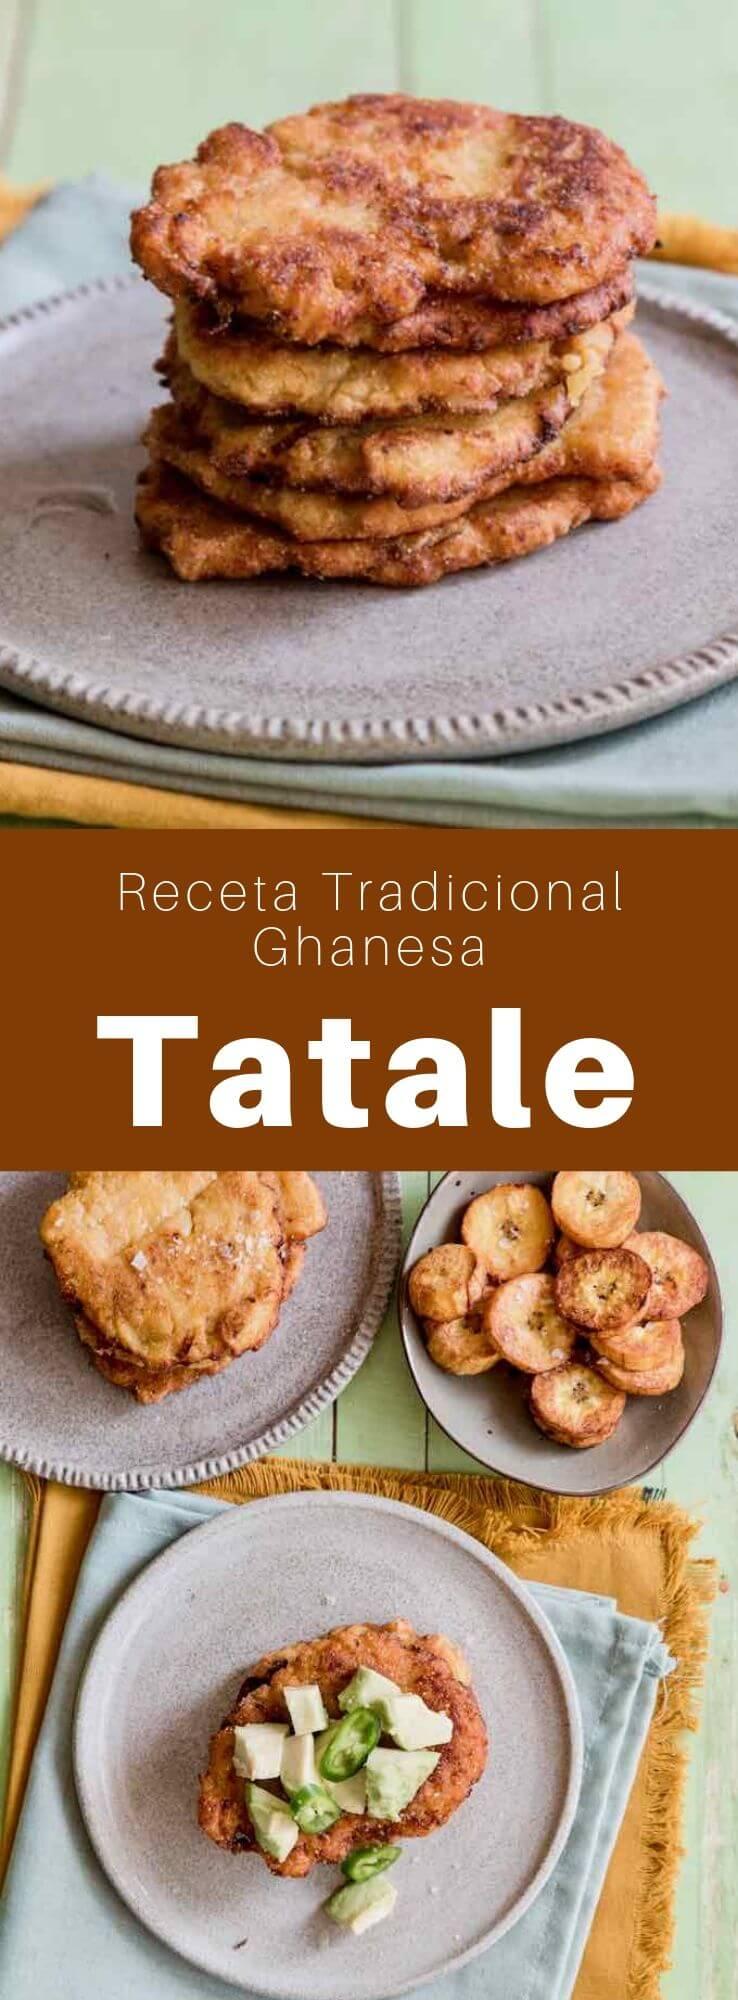 Los tatale son deliciosos panqueques de plátano, pequeños y picantes, que también se llaman